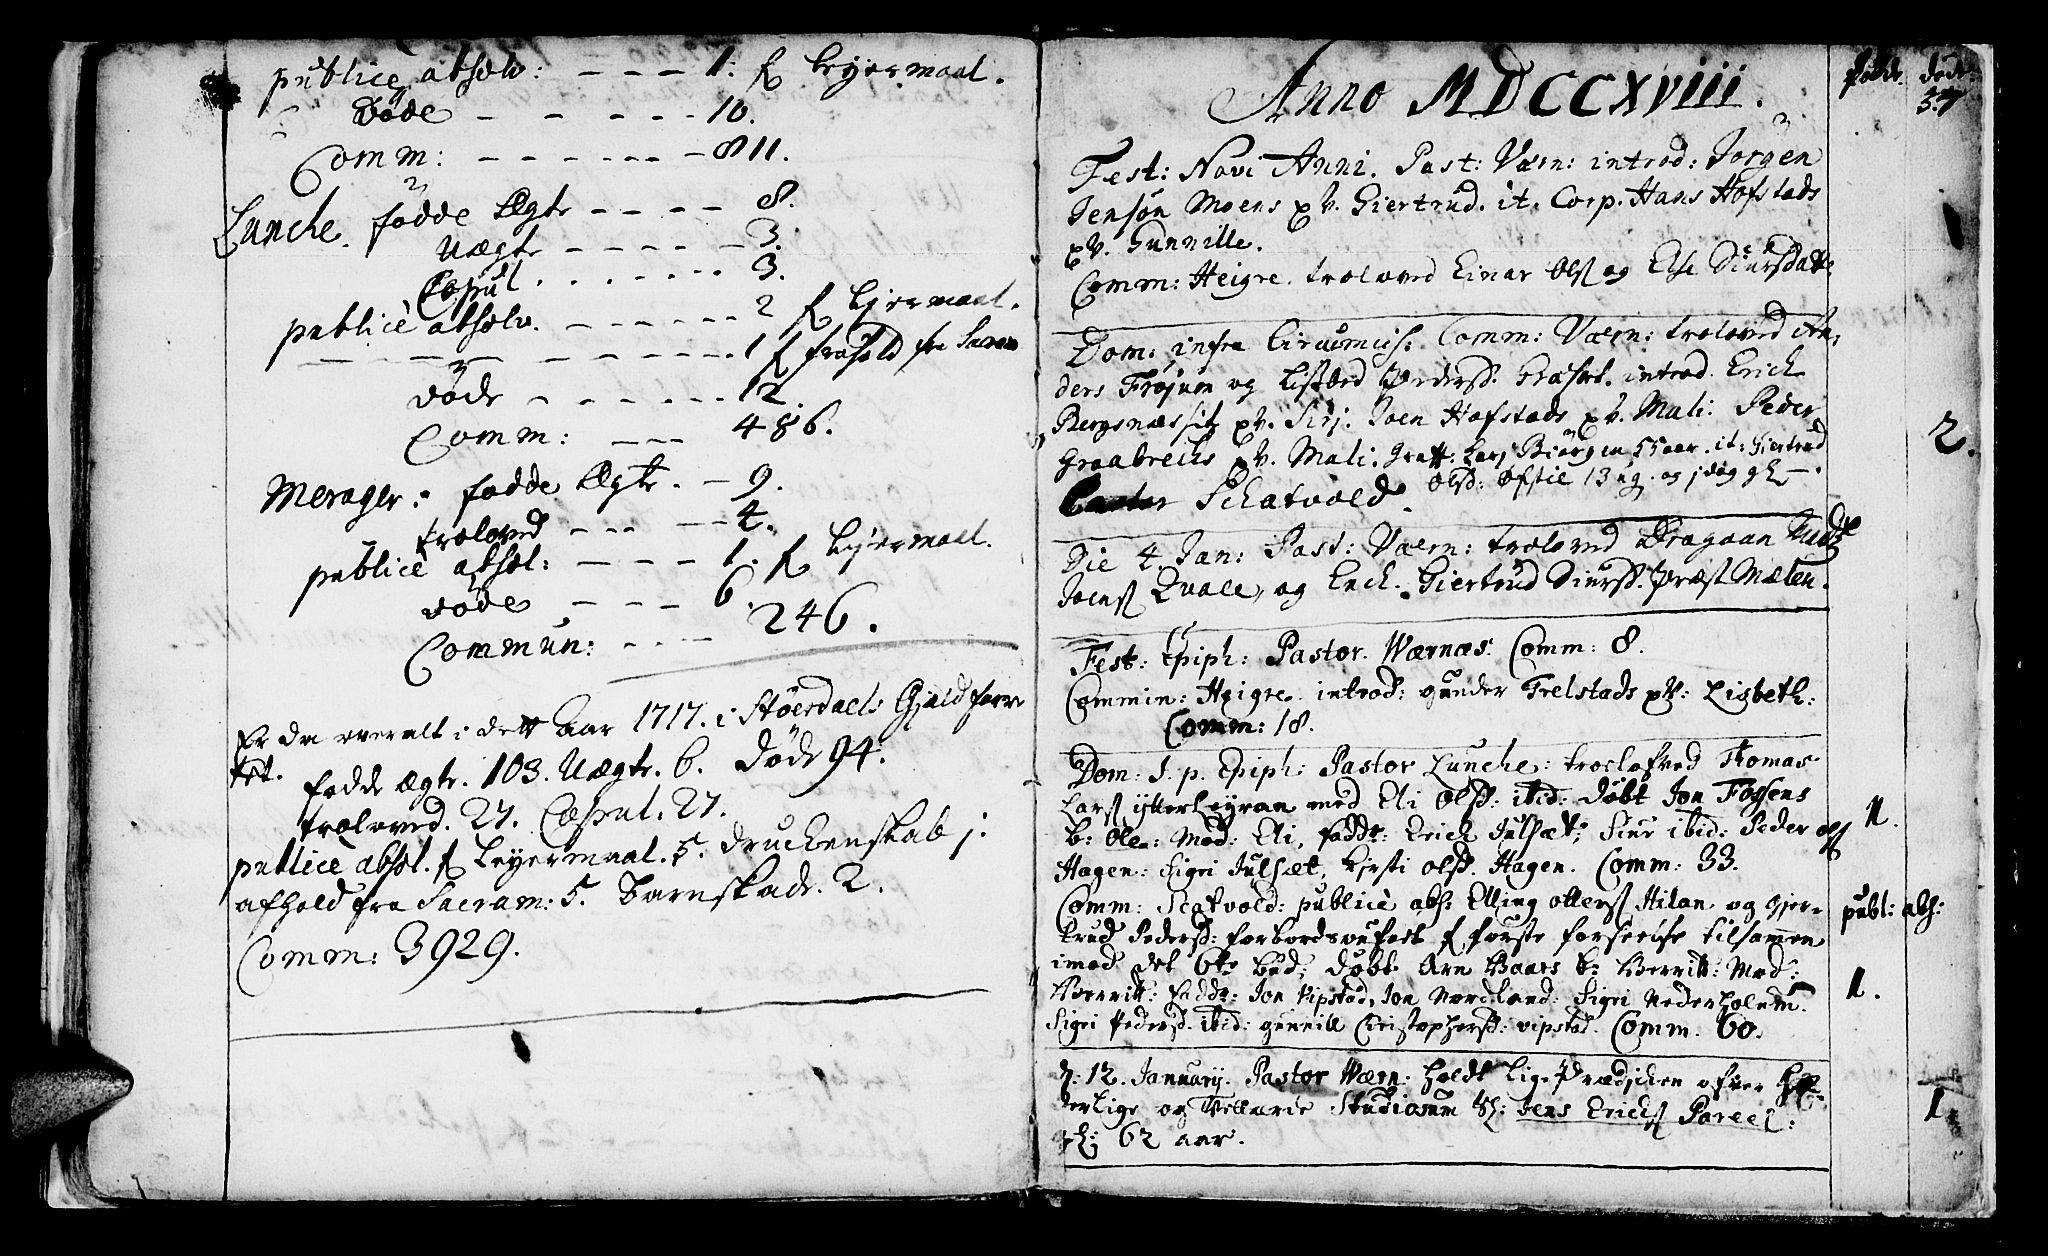 SAT, Ministerialprotokoller, klokkerbøker og fødselsregistre - Nord-Trøndelag, 709/L0054: Ministerialbok nr. 709A02, 1714-1738, s. 57